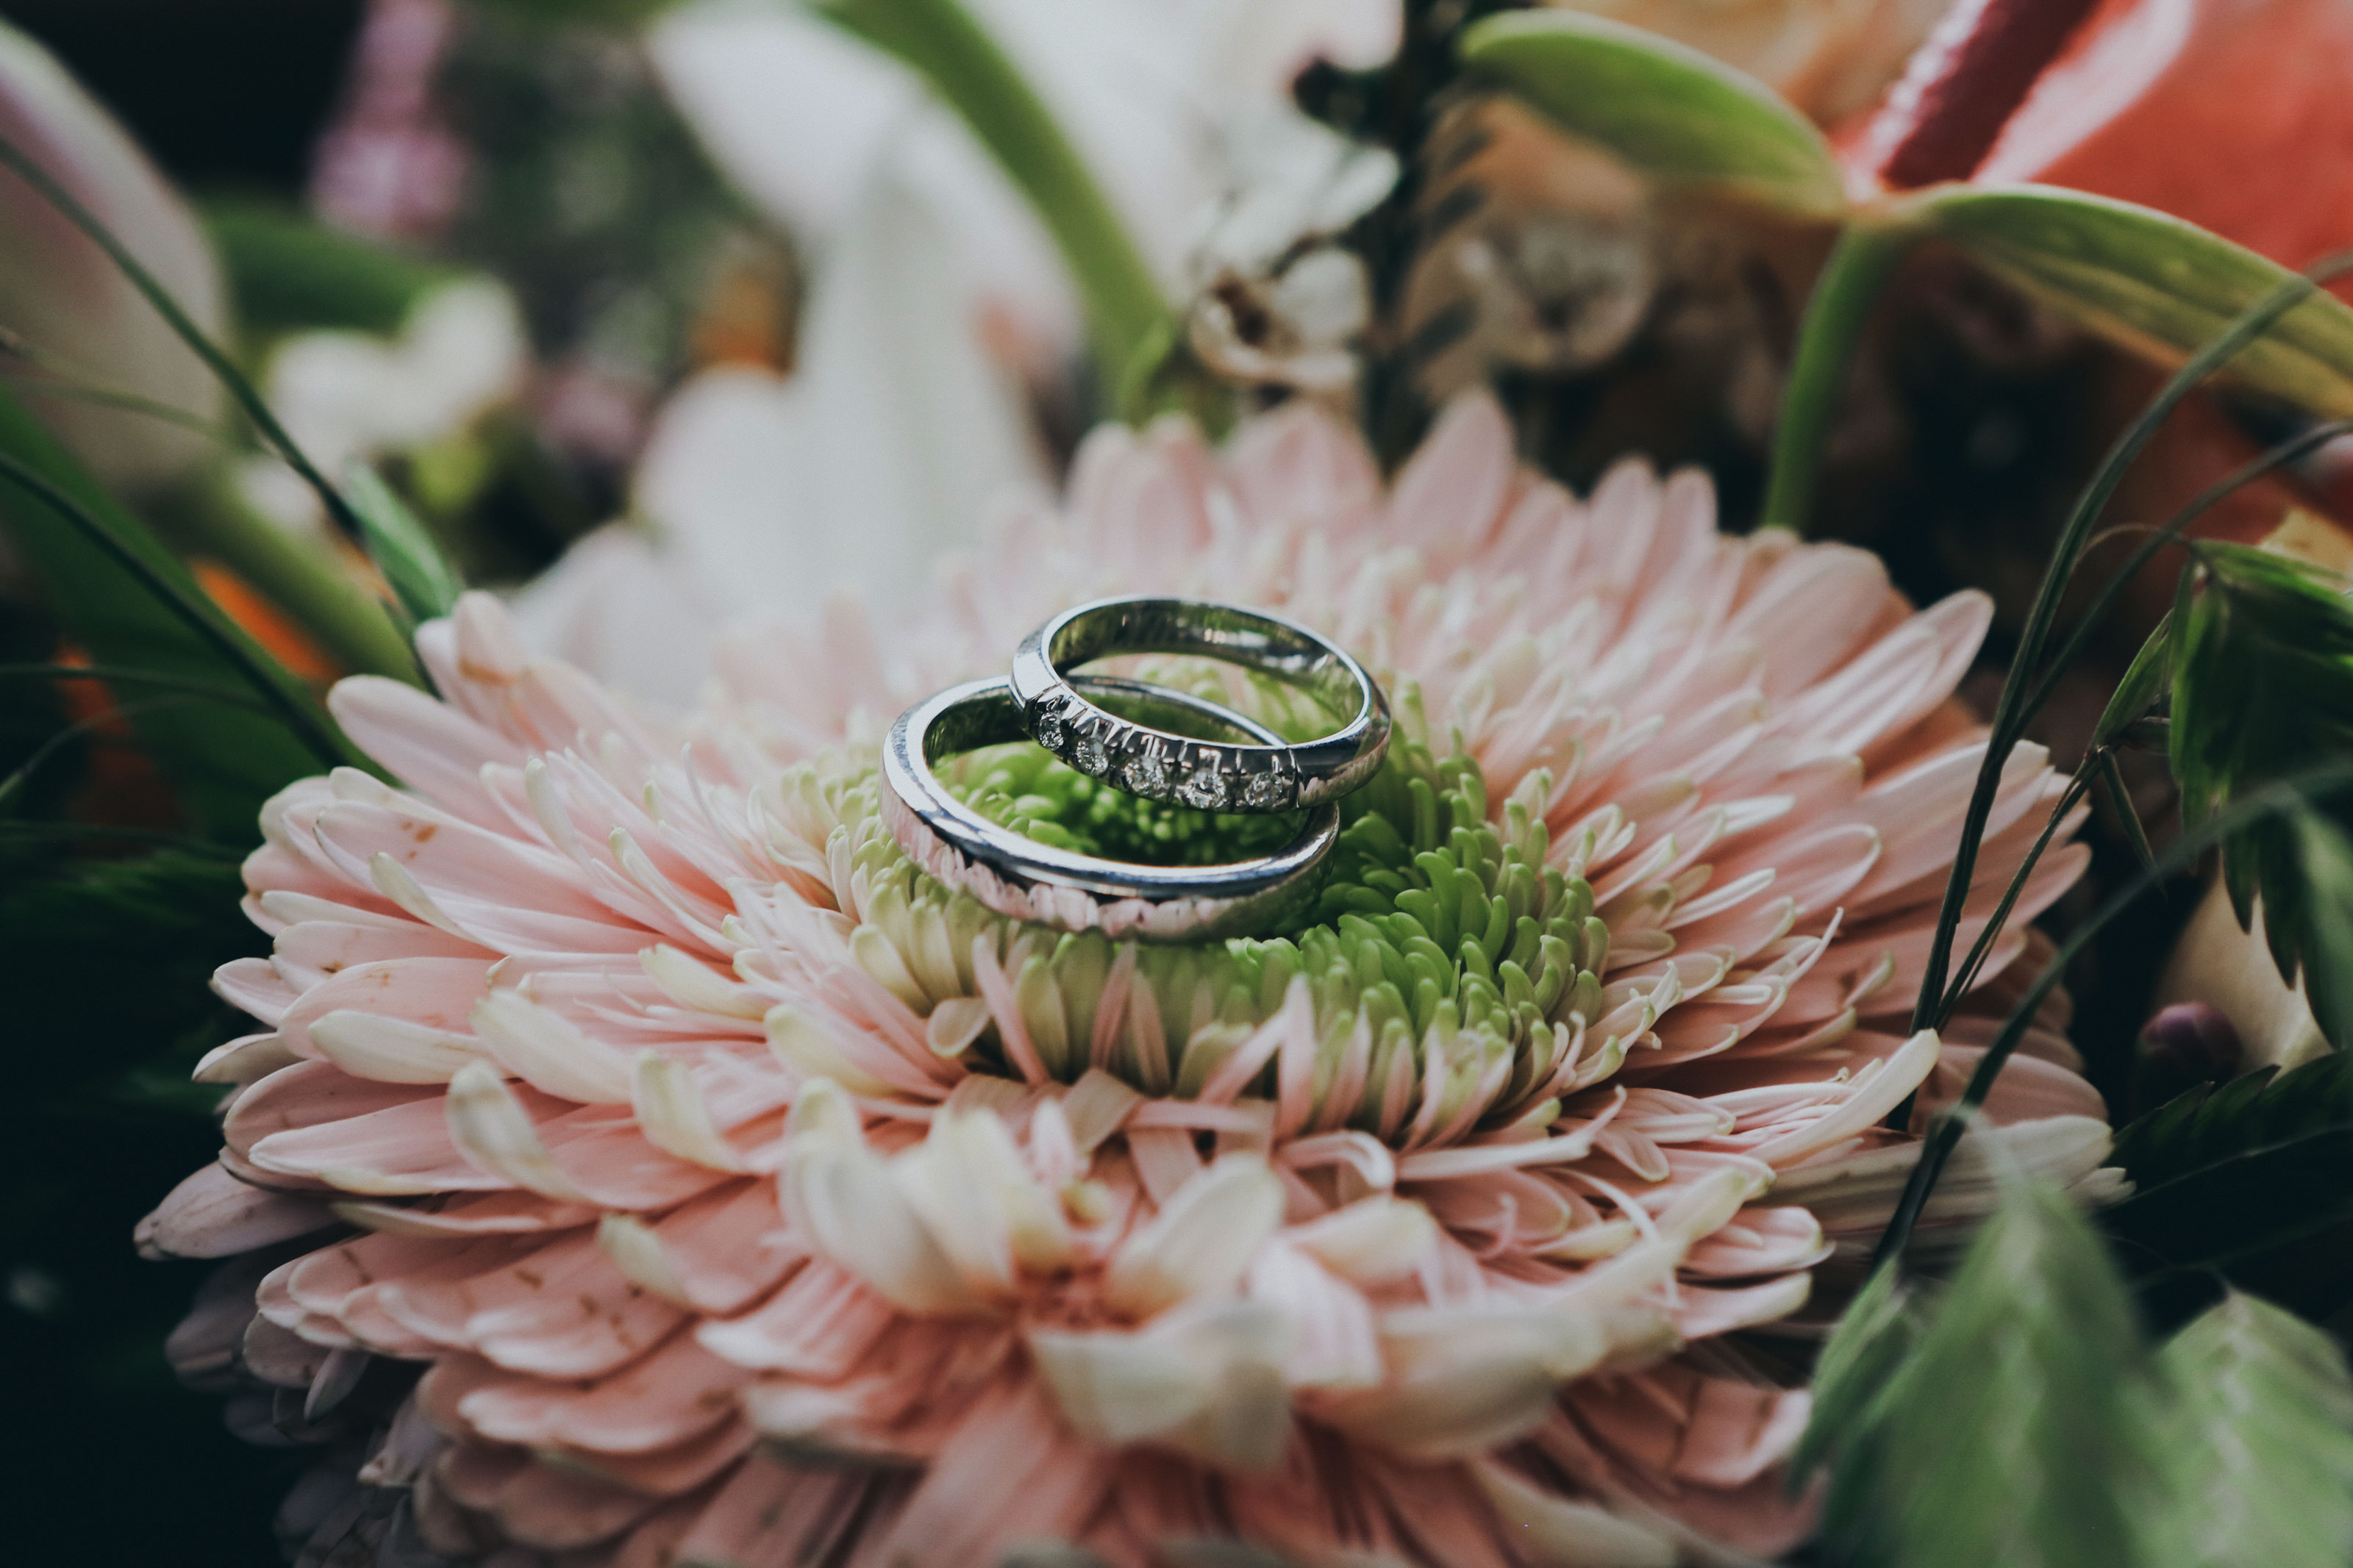 Jardines con vista y acceso al lago para bodas y eventos sociales en Tequesquitengo, Morelos. Proveedores de banquetes, pirotécnia, música, flores...